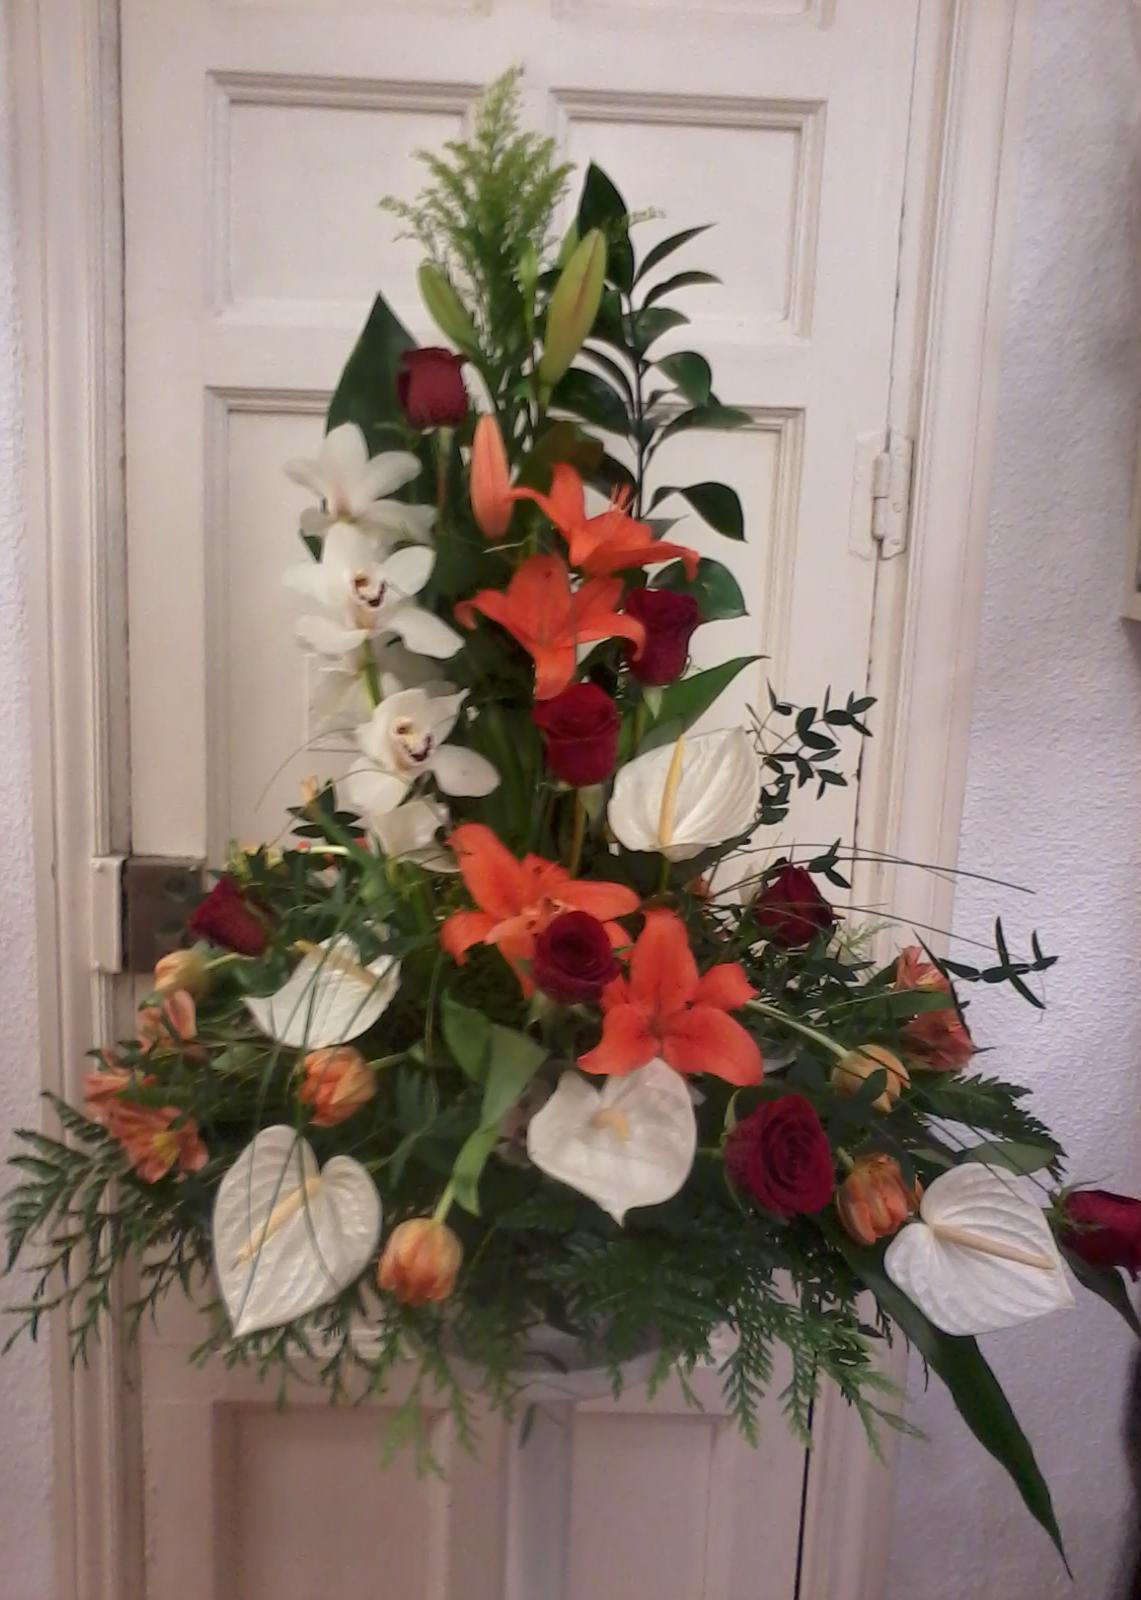 Centro de flor : Catálogo de Flores de Sala - Floristería